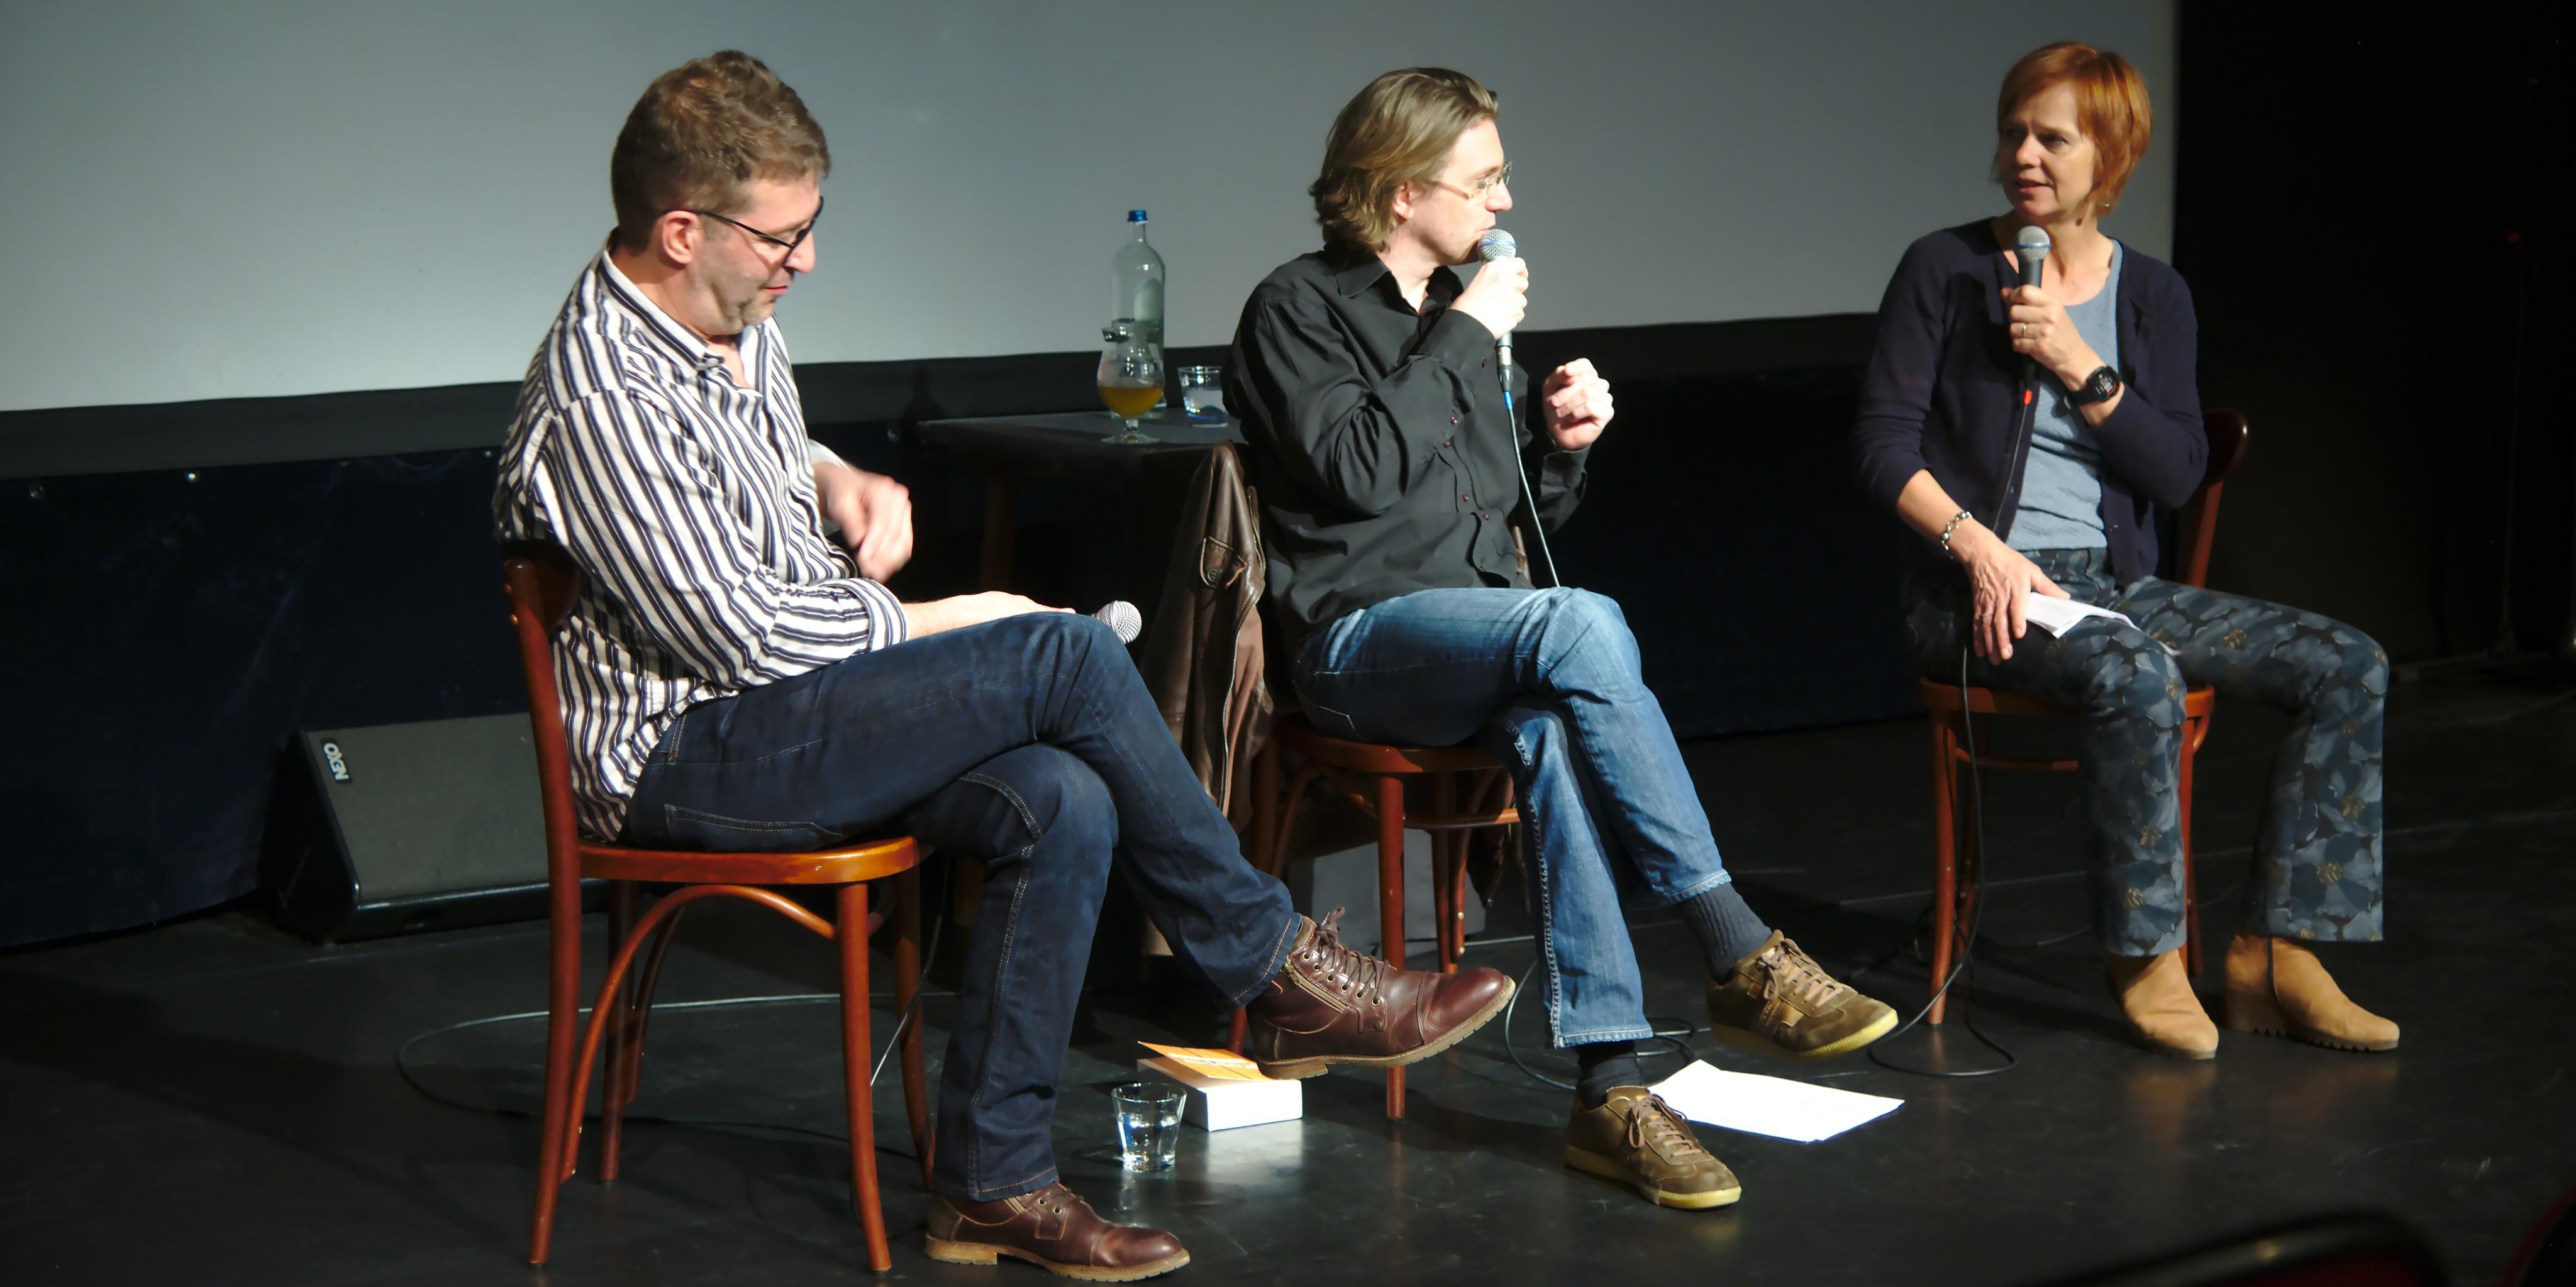 Frank Verhoft en Brecht Decoene worden over platte aarders geïnterviewd door Marleen Finoulst op DocVille